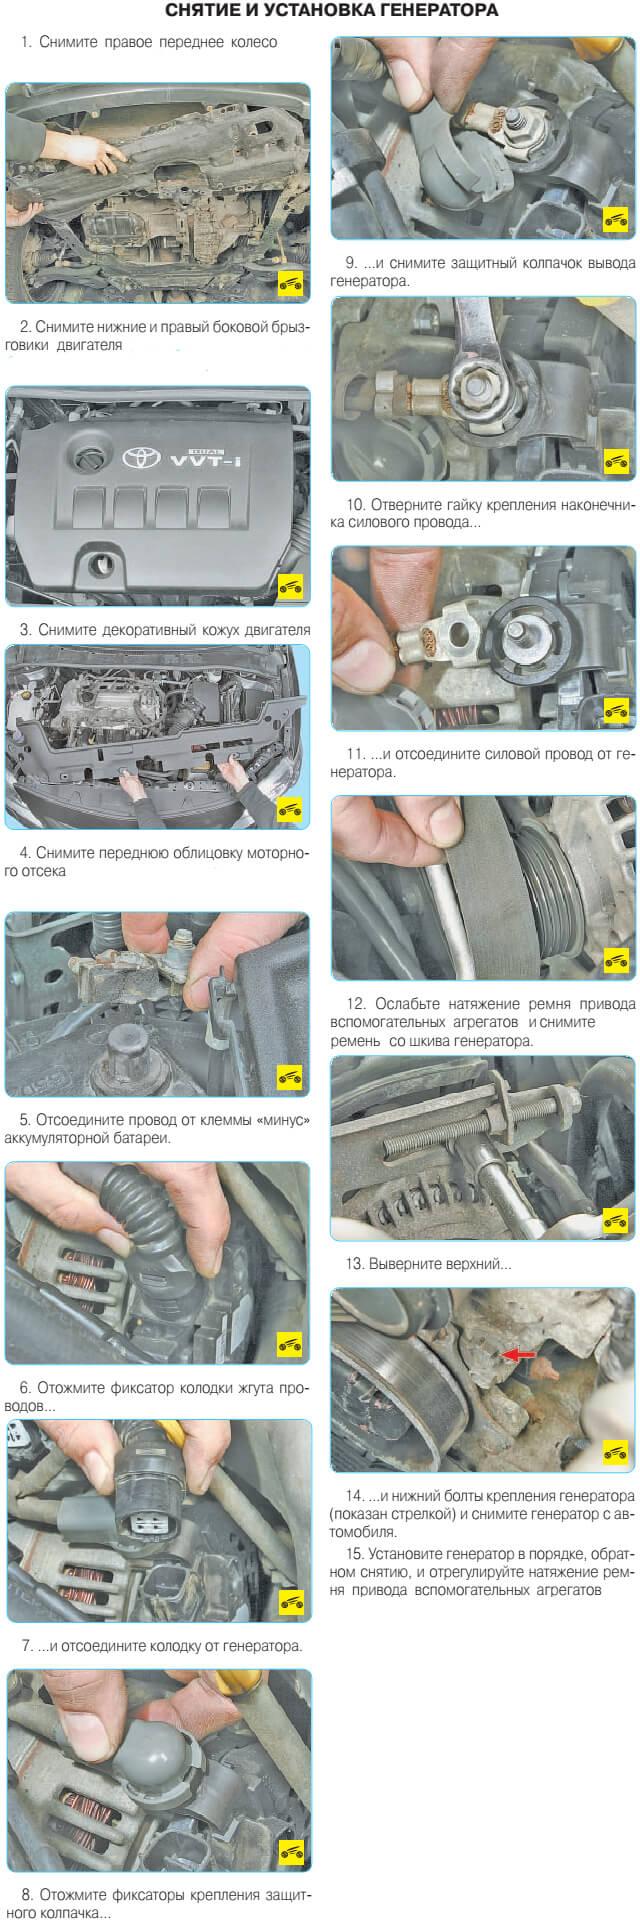 инструкция по ремонту и эксплуатации тойота королла 1998 года выпуска